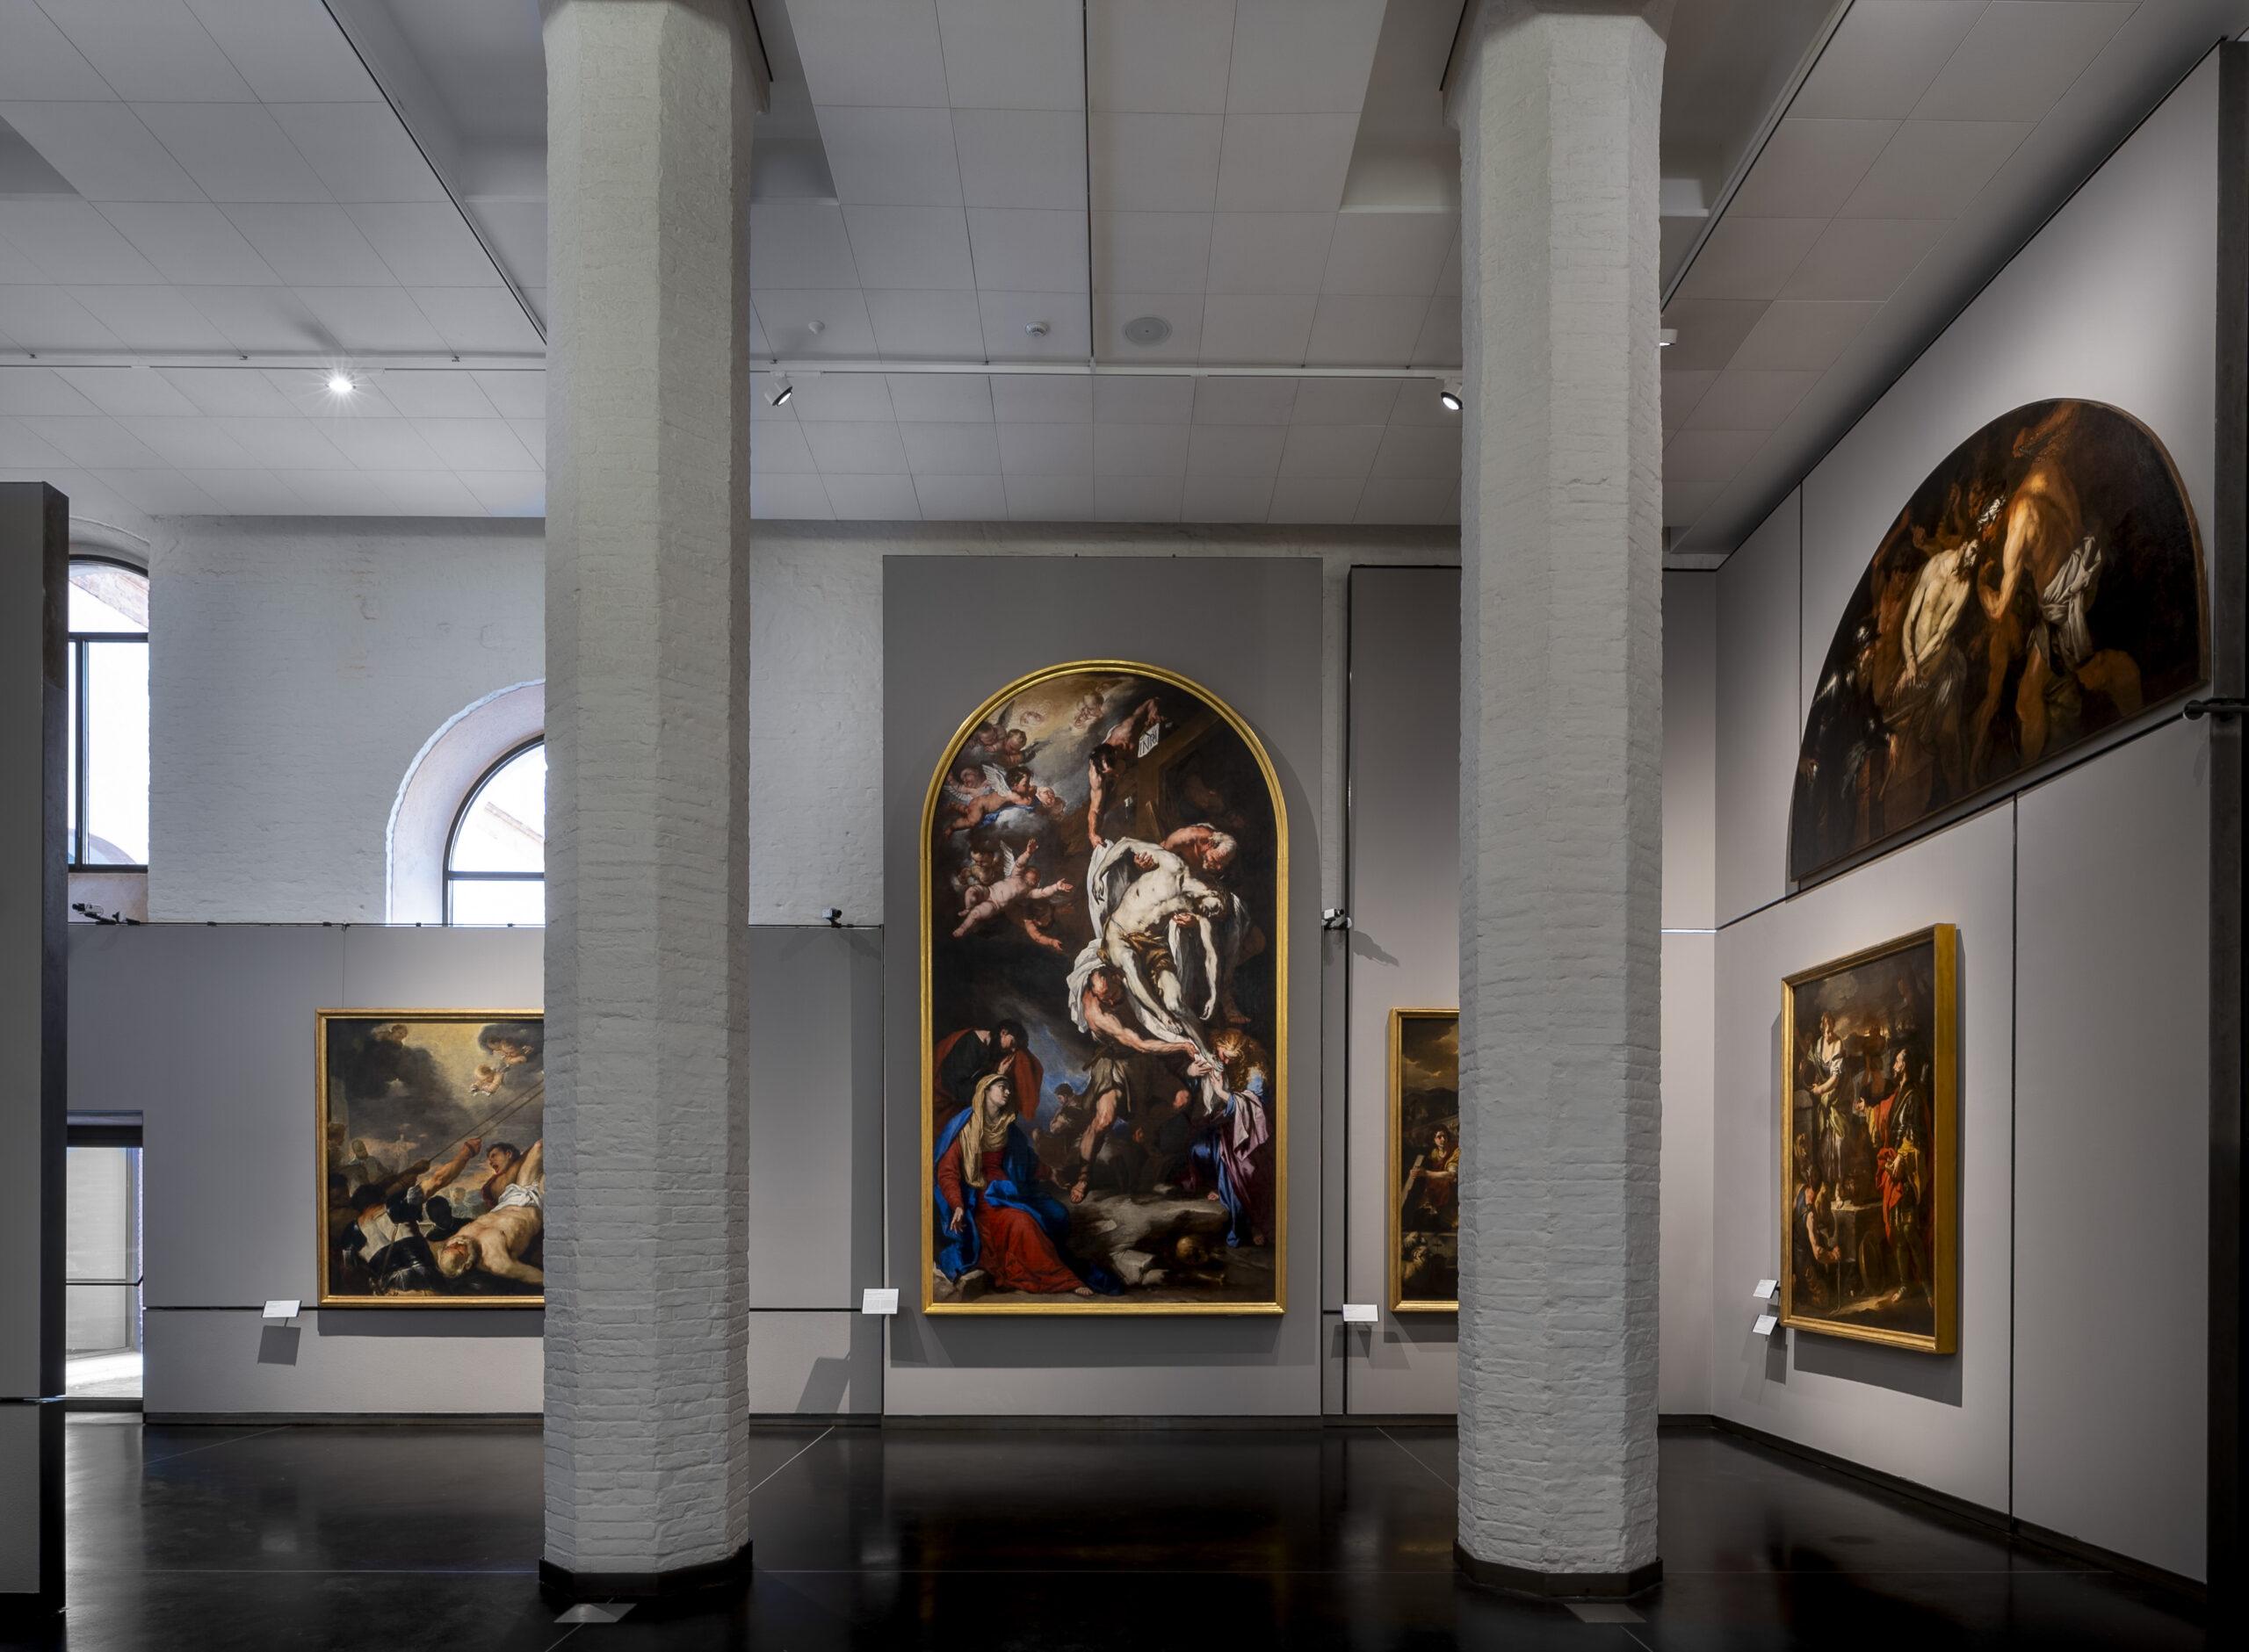 Nuove sale, nuove opere: le Gallerie dell'Accademia di Venezia si ampliano